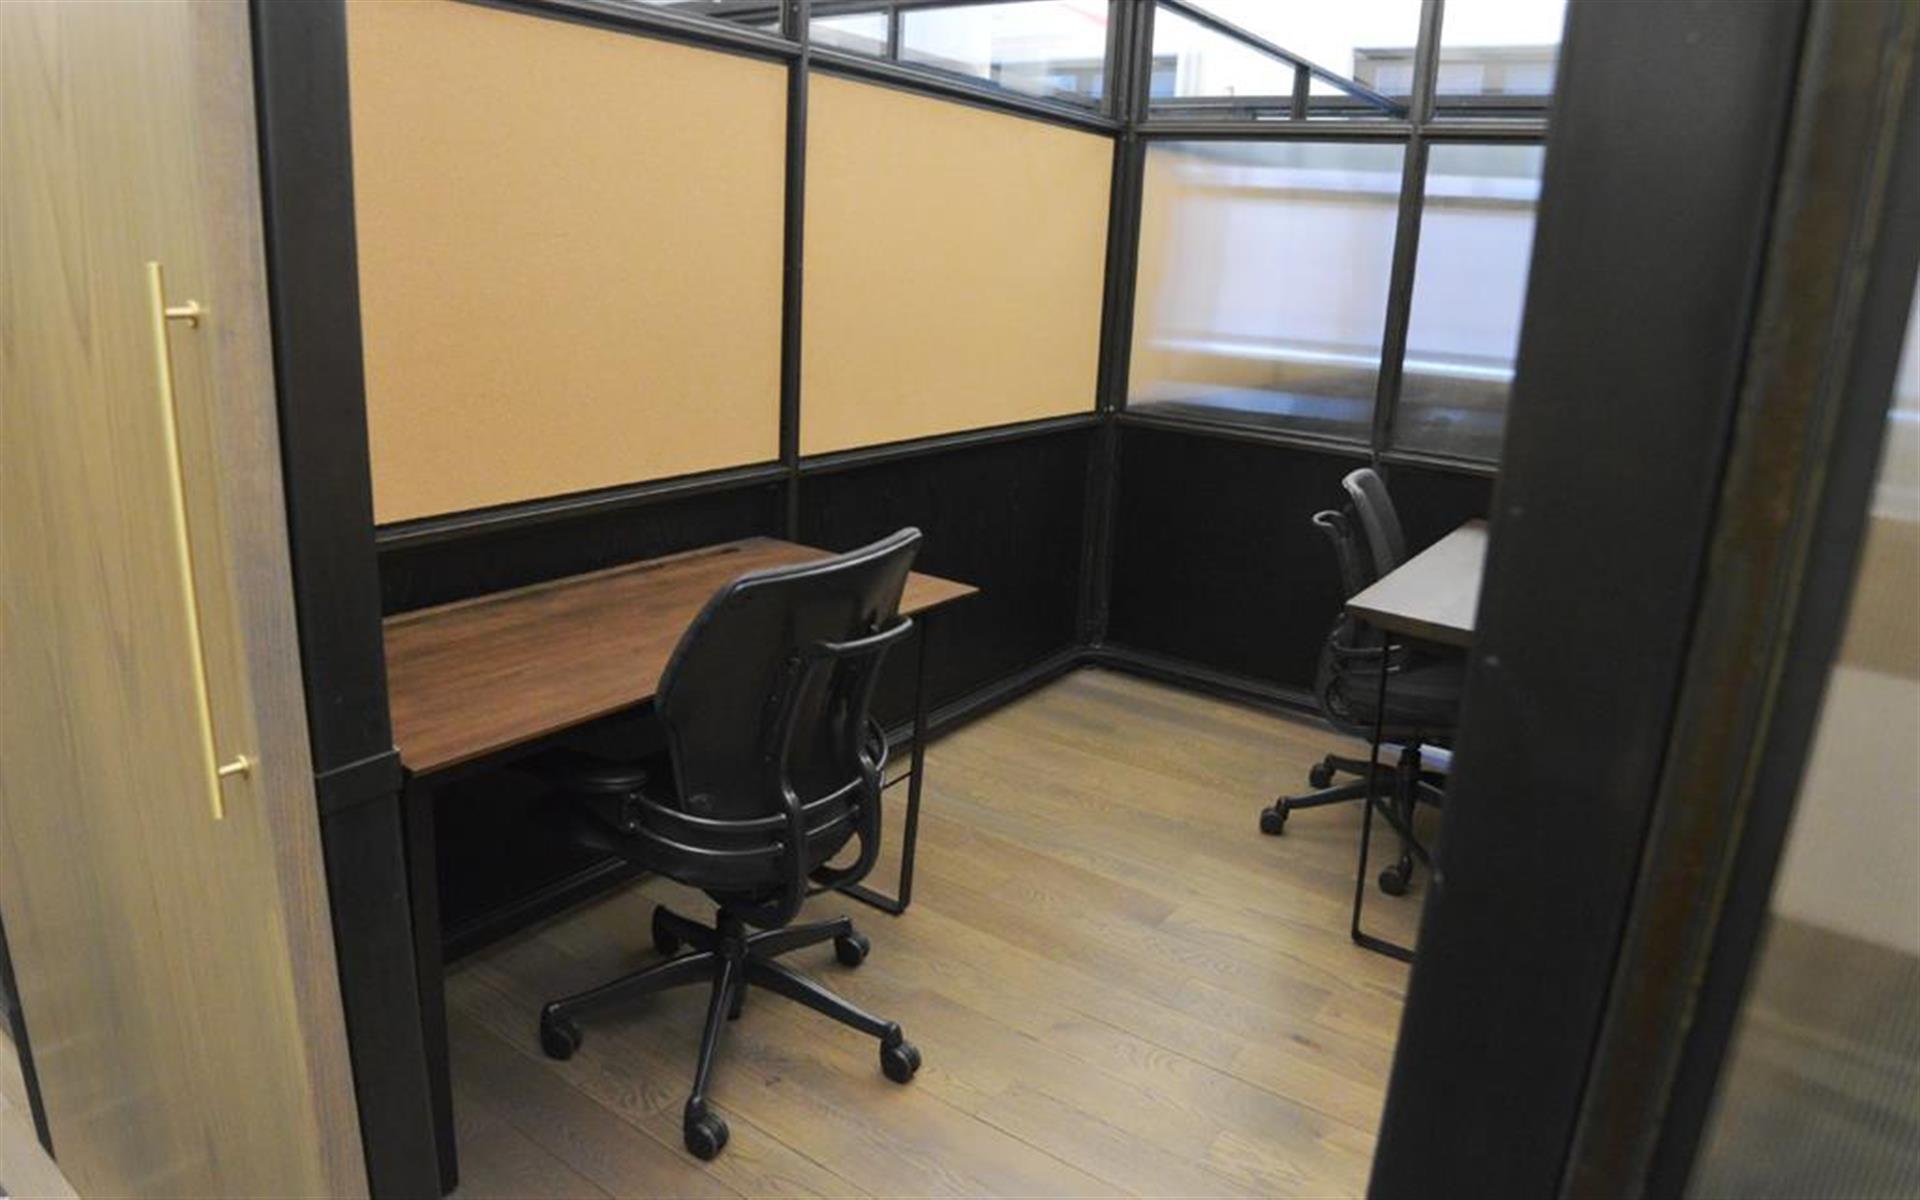 BLENDER WORKSPACE - 2 Desk Private Office